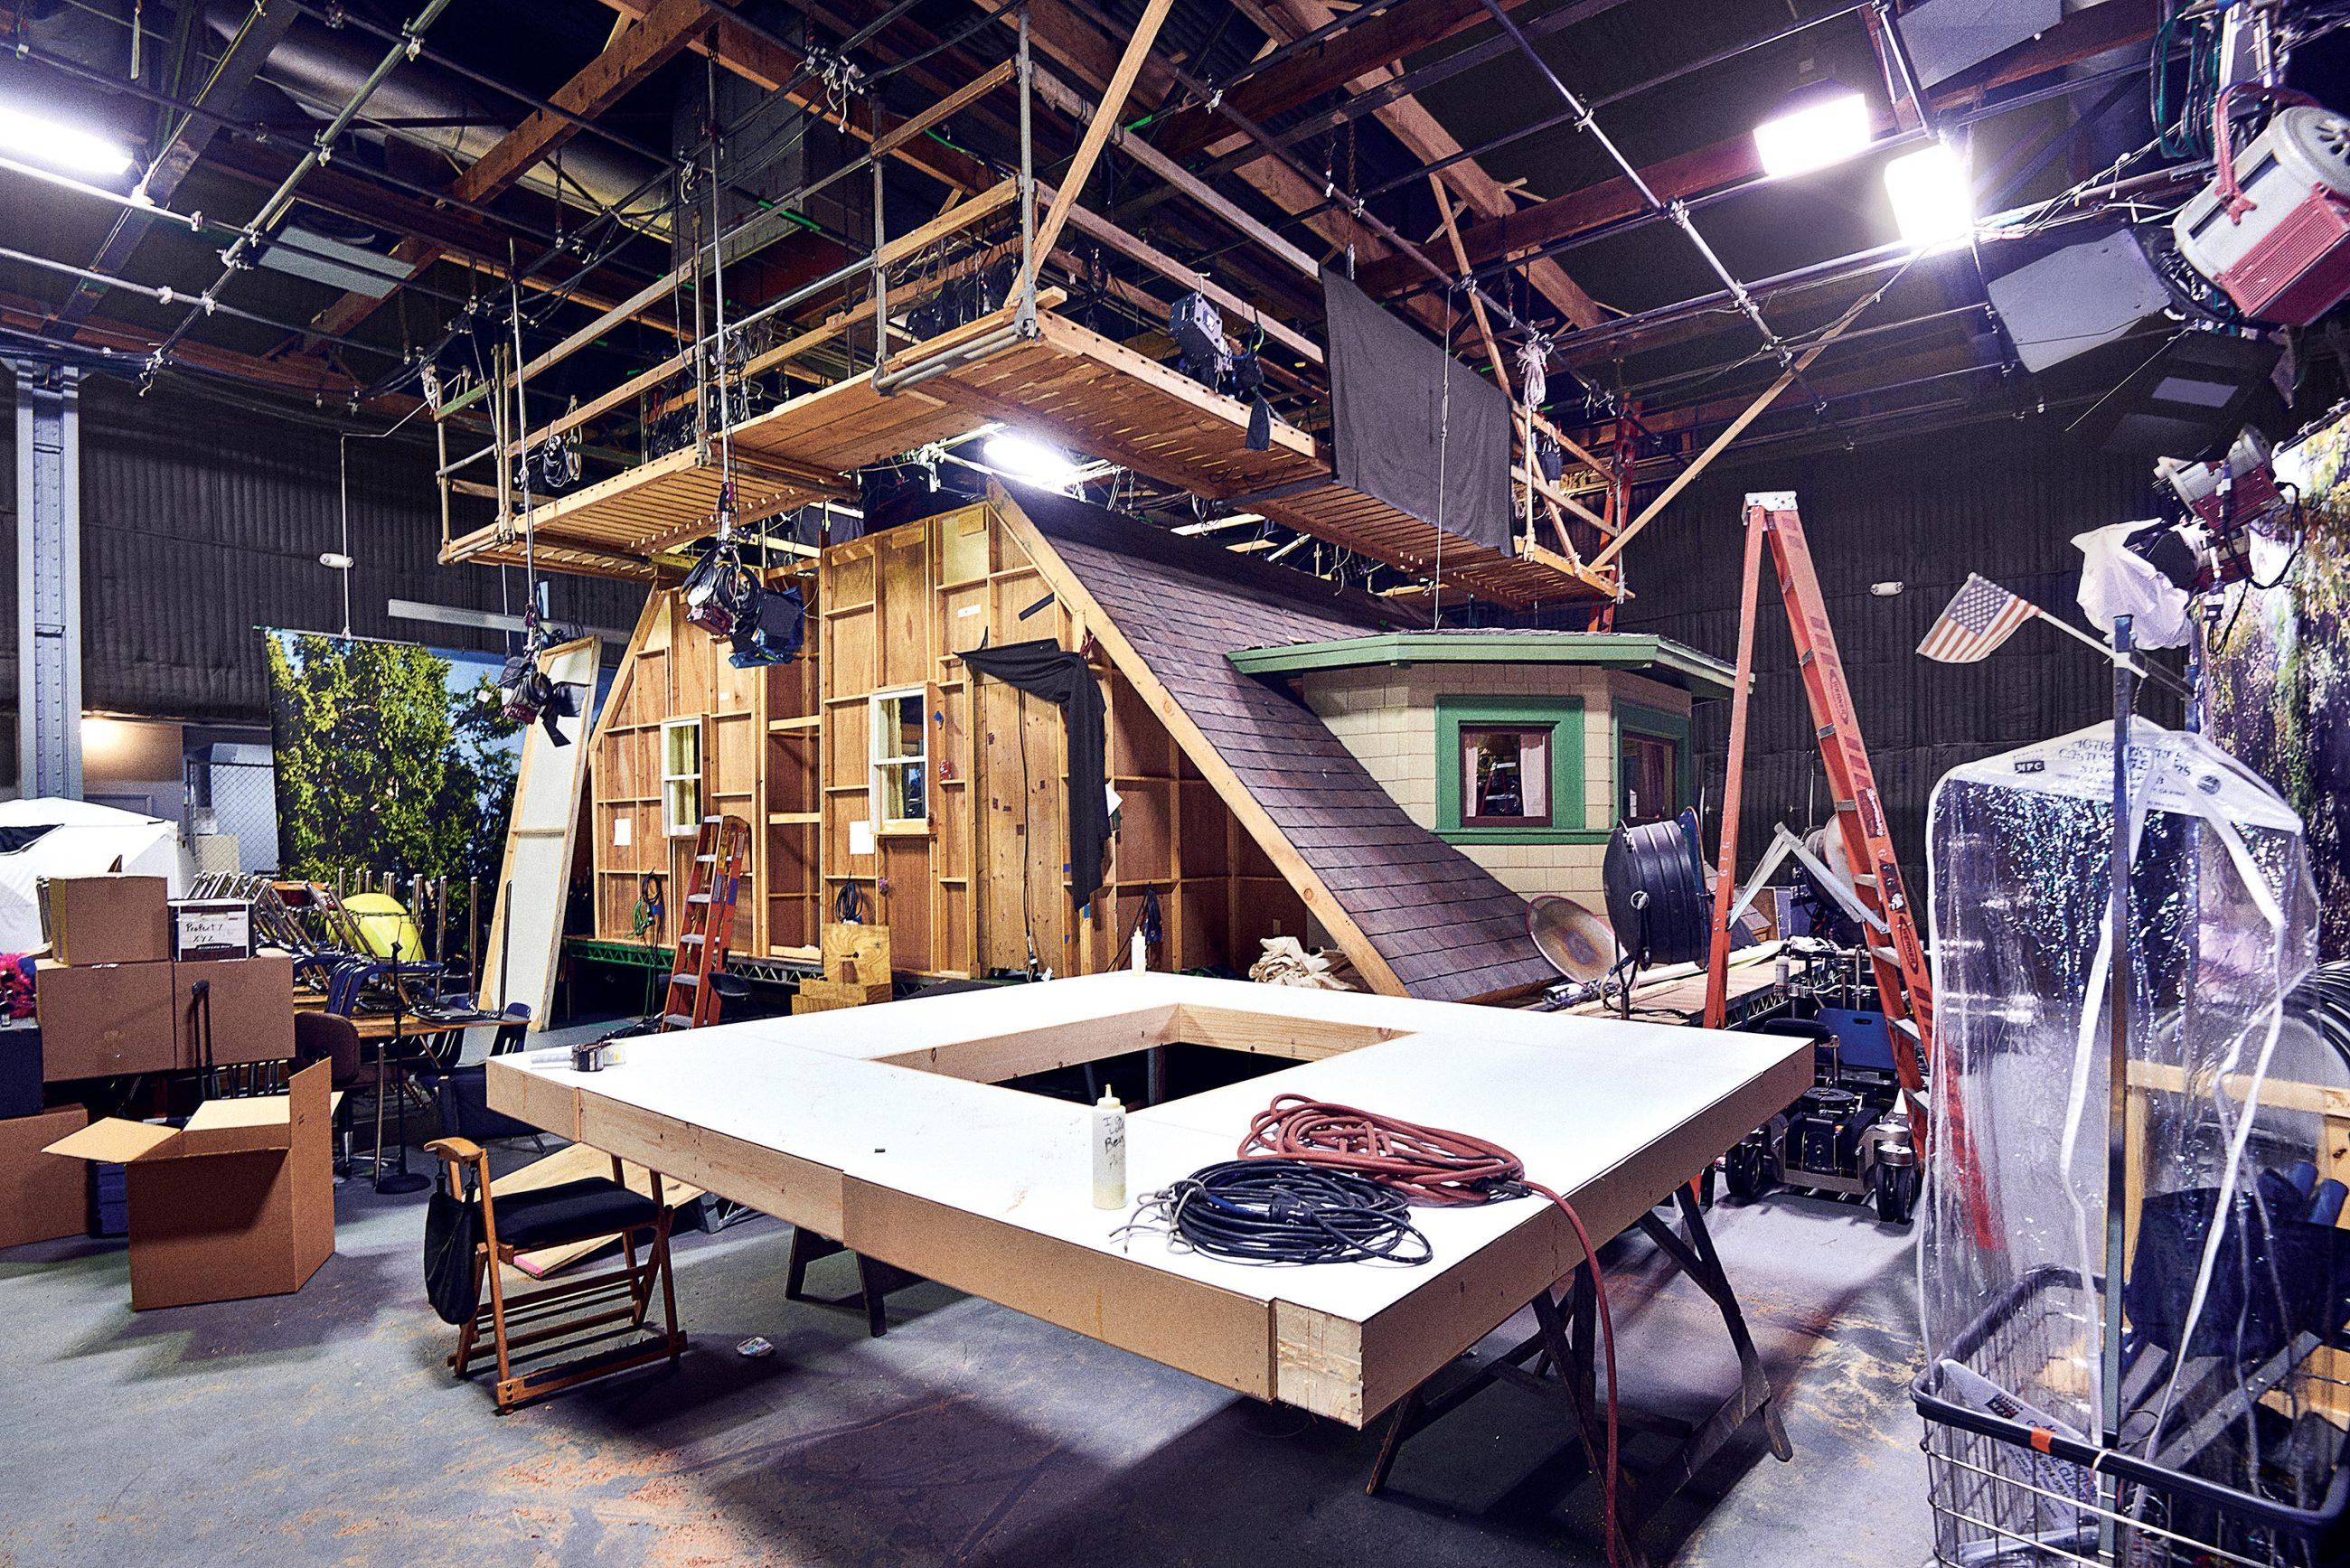 Гортимер снимается одной камерой, что придает шоу более кинематографичный вид, чем у ситкома